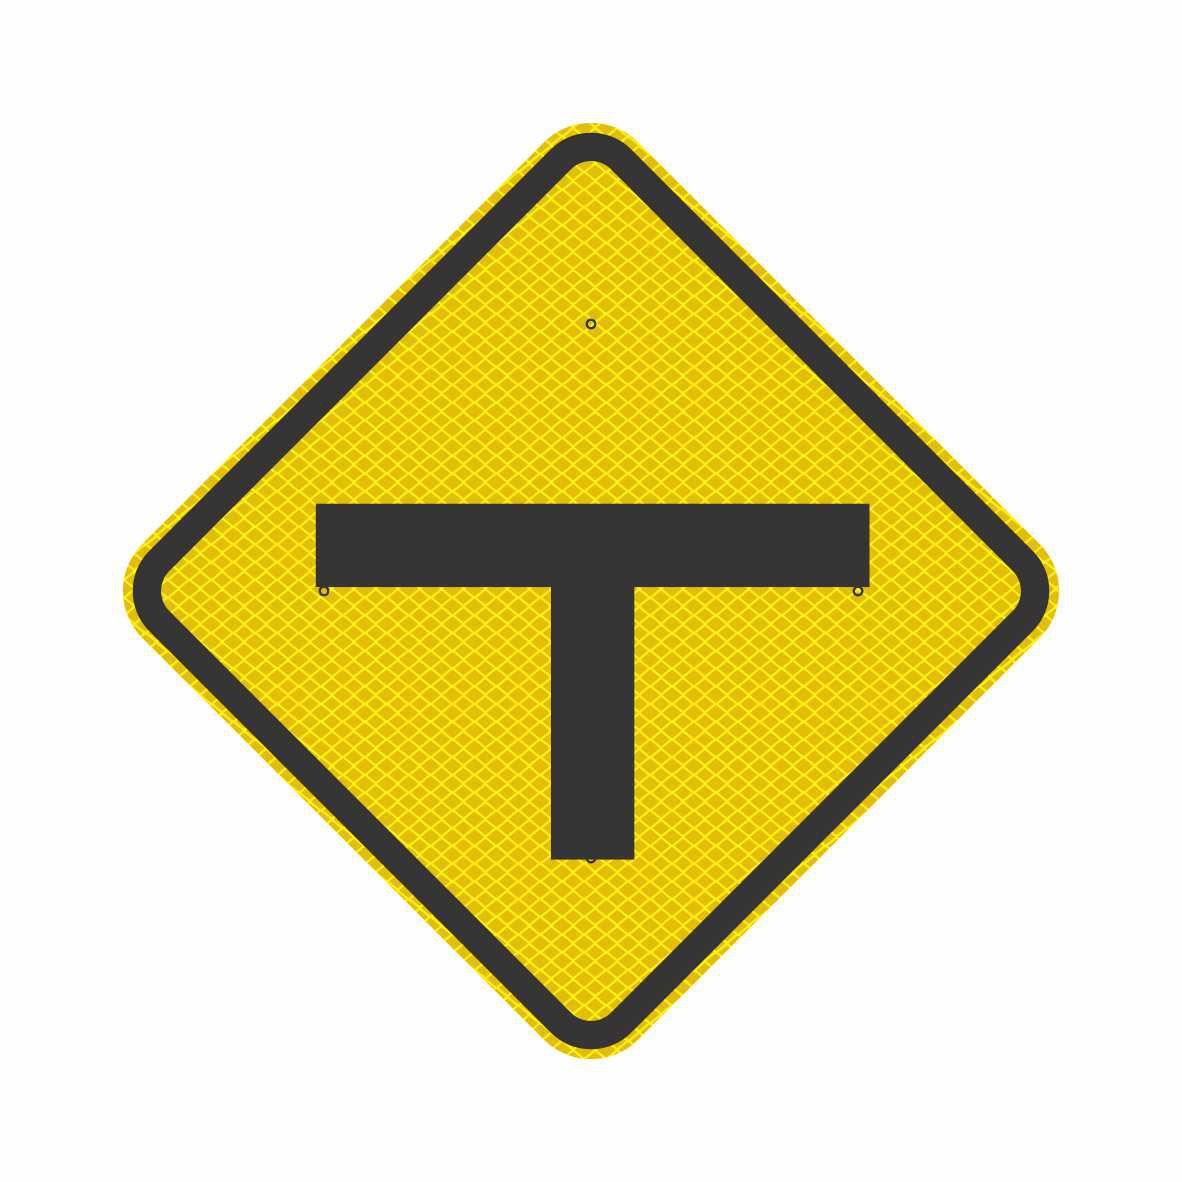 A-8 - INTERSEÇÃO EM 'T'  - Towbar Sinalização de Segurança